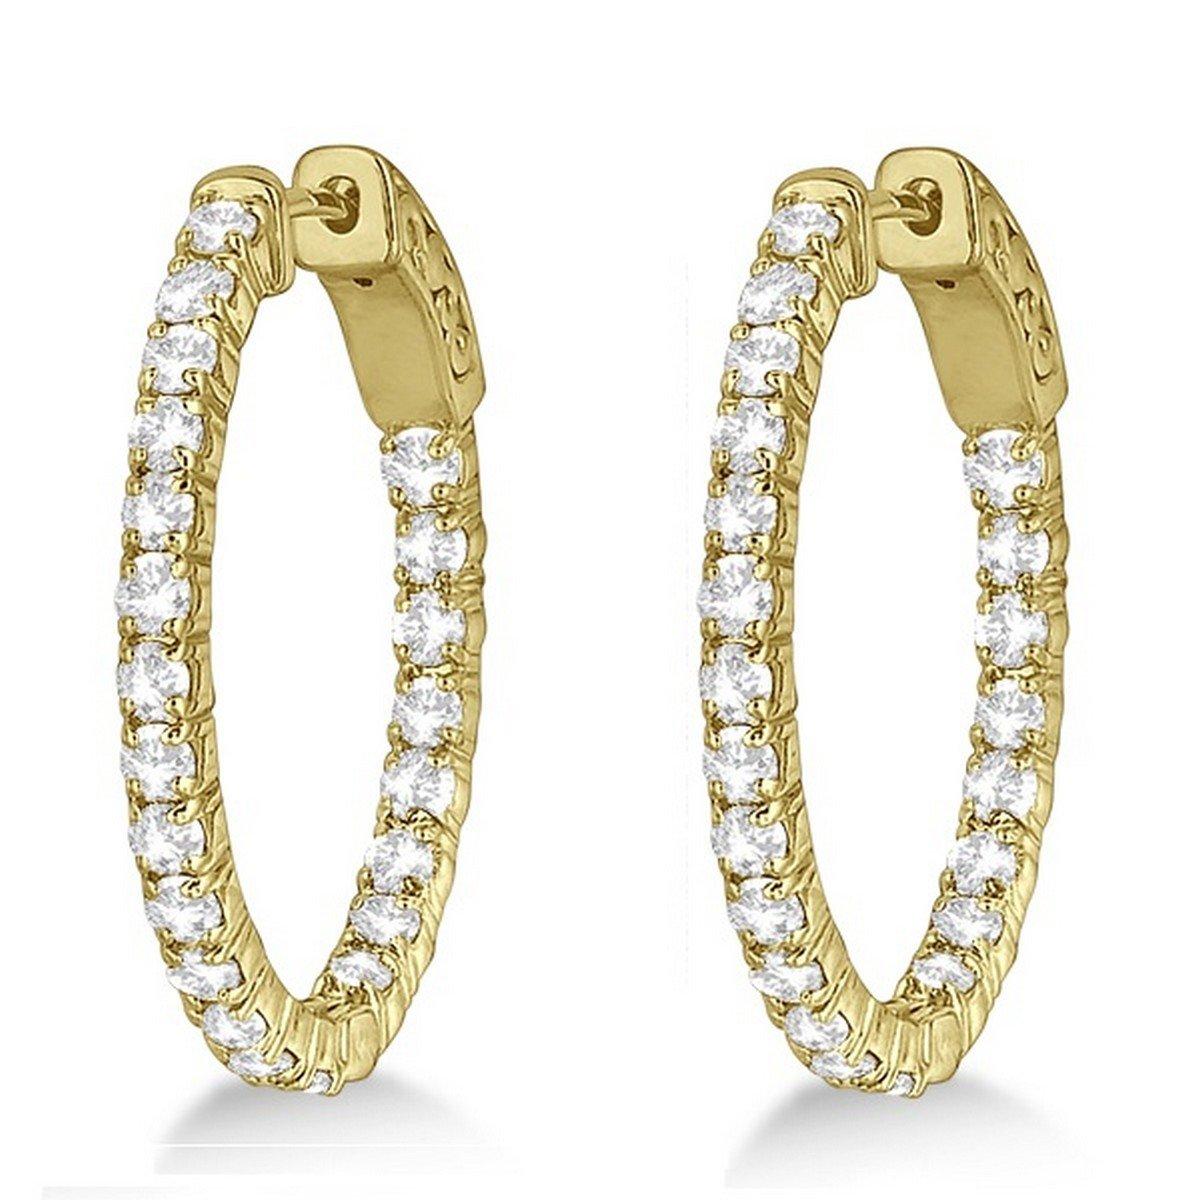 14k Gold Fancy Small Oval-Shaped Diamond Hoop Earrings 2.16ct